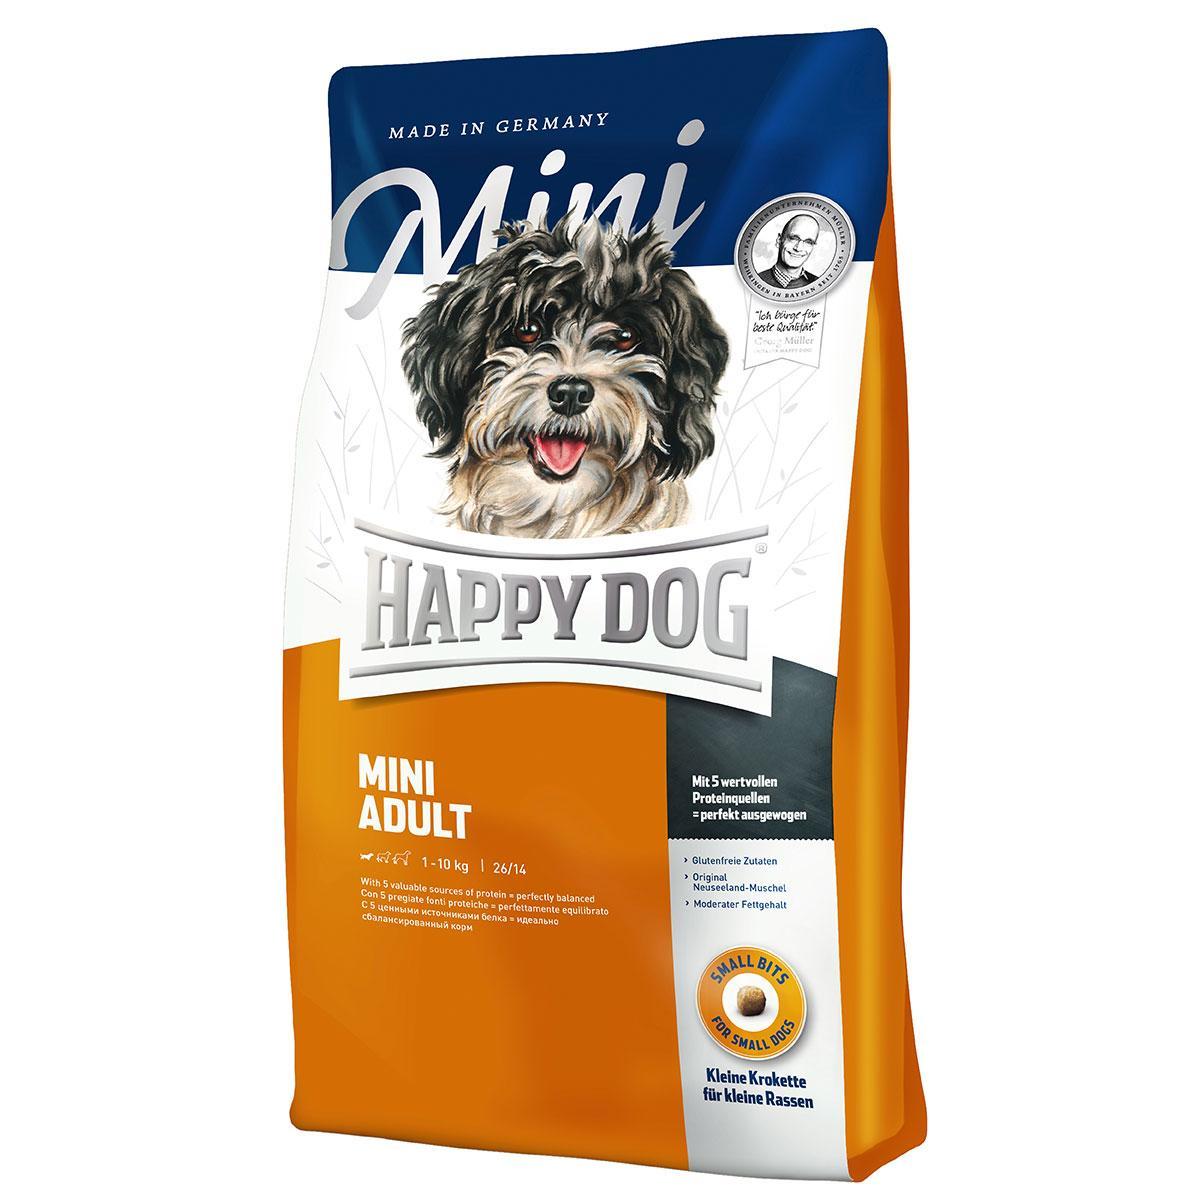 Happy Dog  Mini Adult - сухой корм для взрослых собак малых пород 10 кг